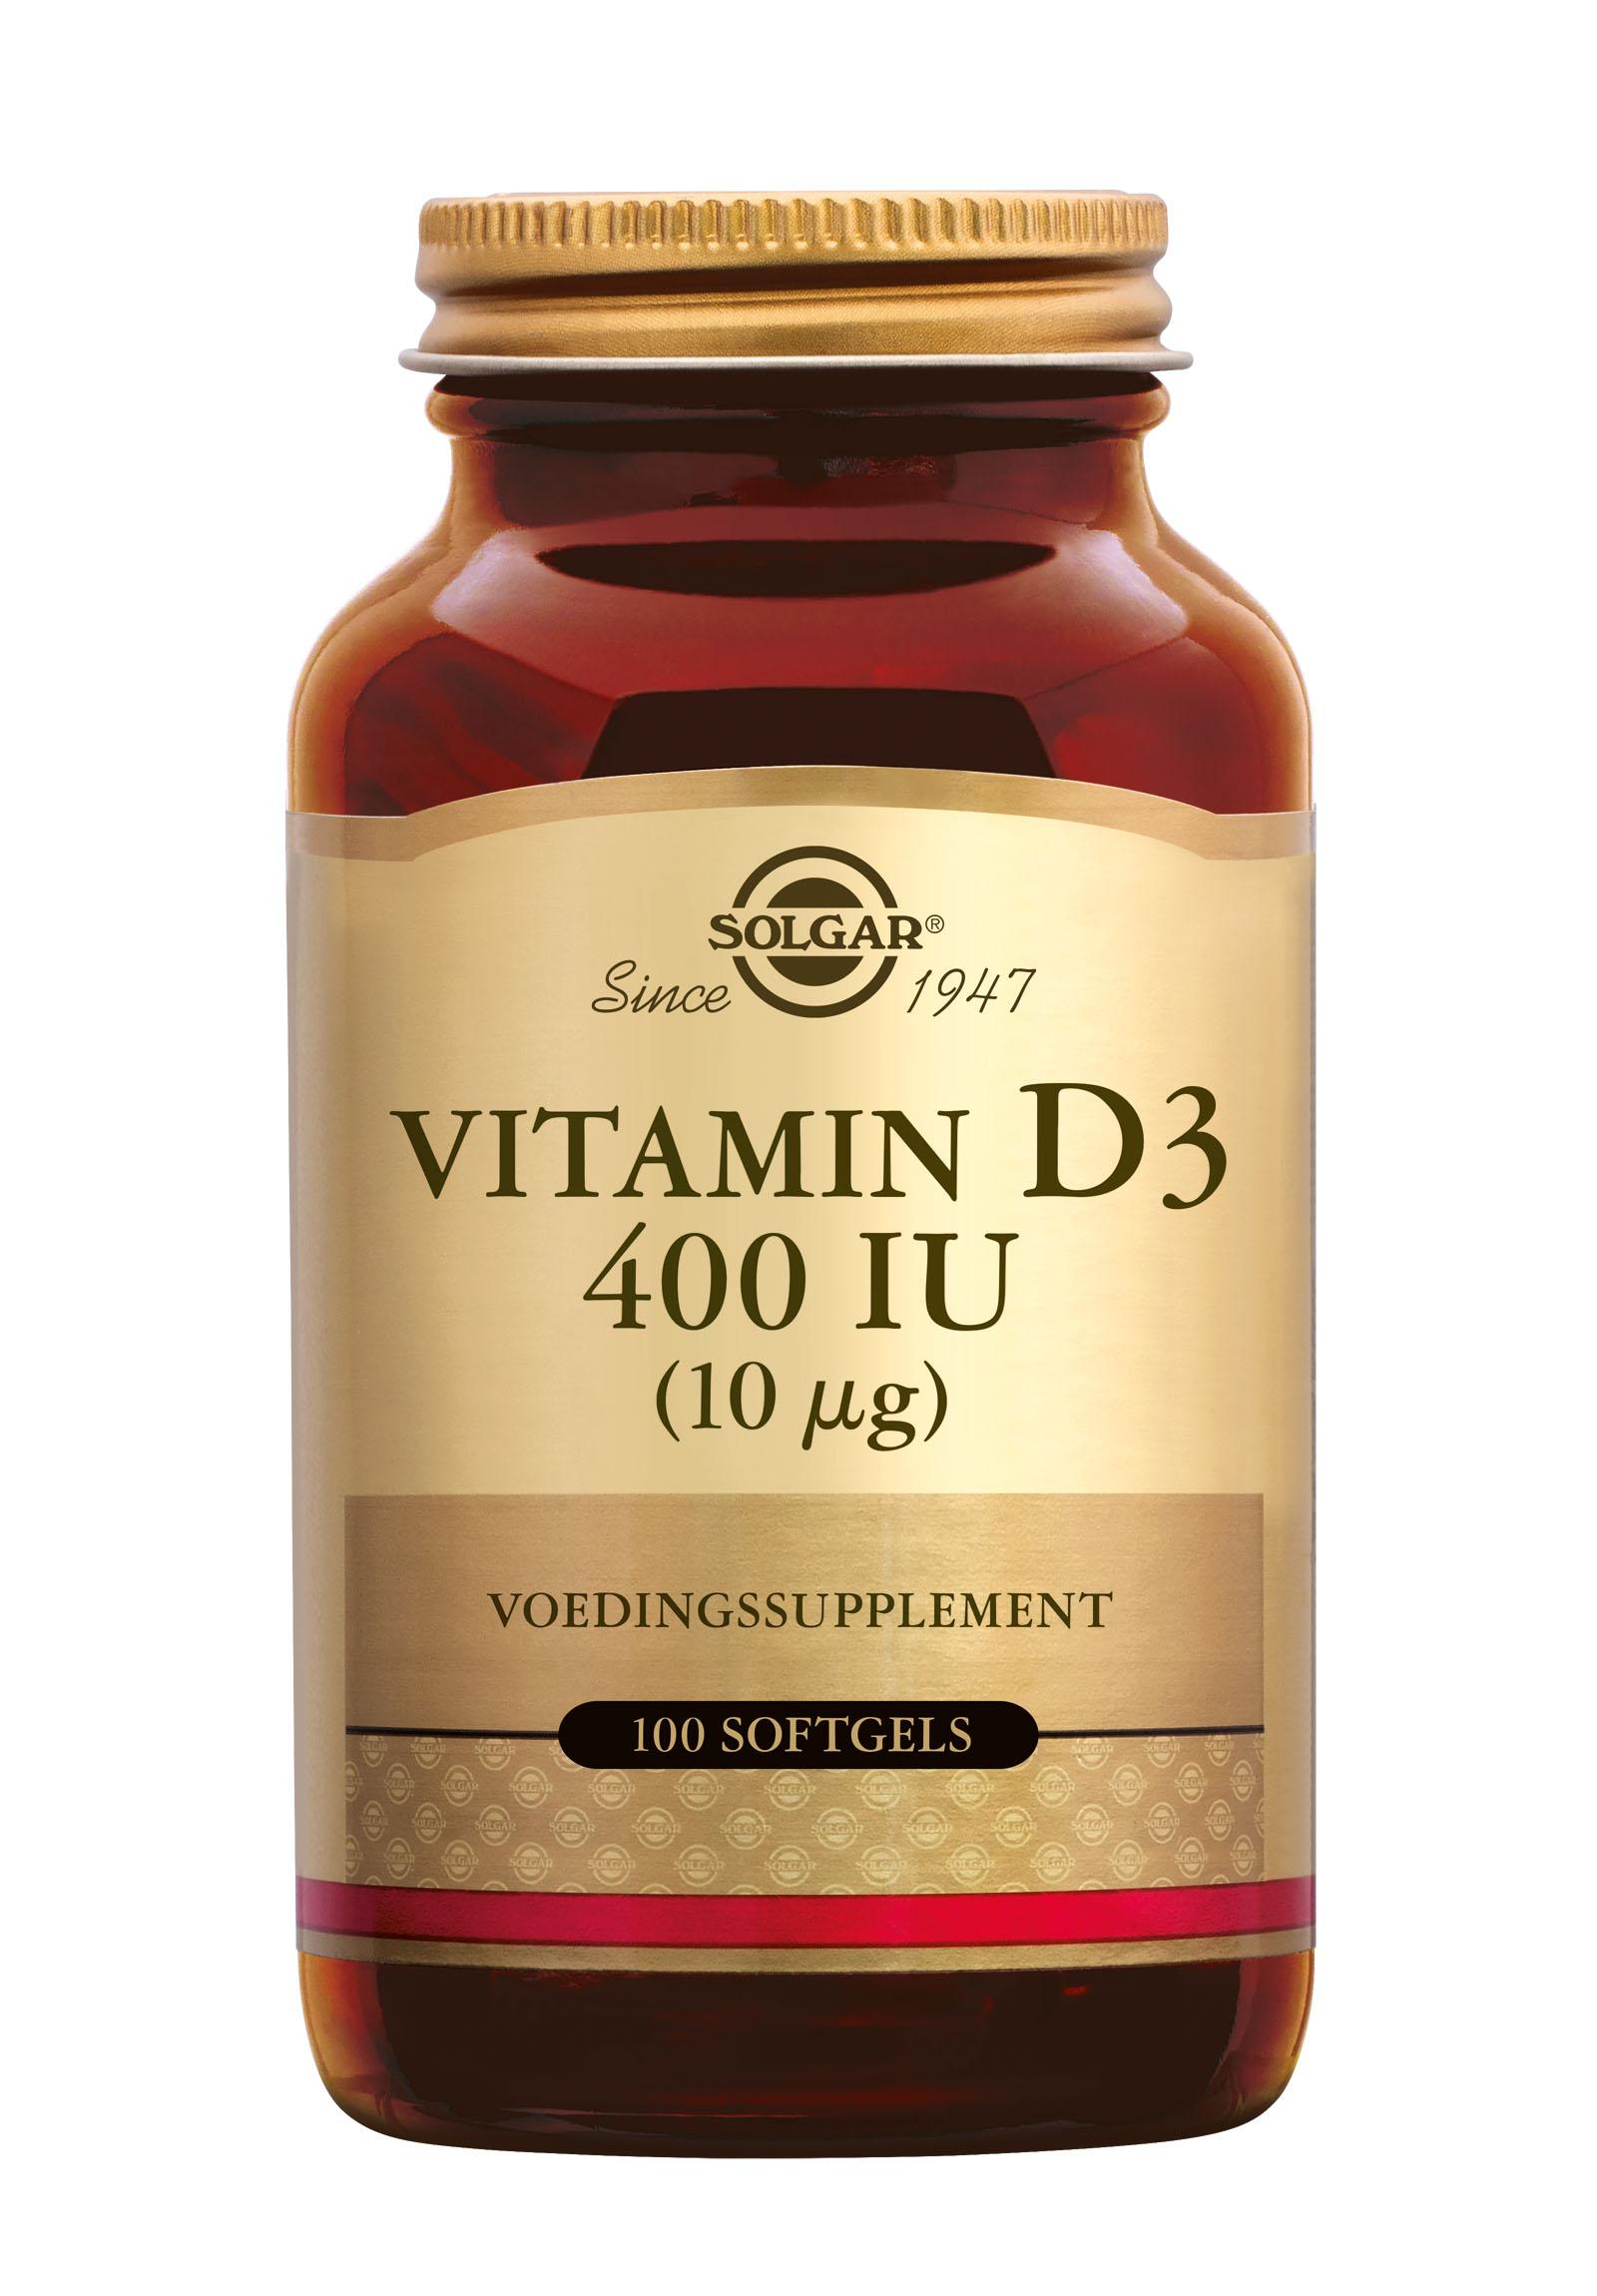 Vitamin D-3 10 �g/400 IU, Solgar, Solgar Vitamin D-3 10 �g/400 IU bevat de meest effectieve vorm van vitamine D. Vitamine D verhoogt de opname van calcium in de botten. Vitamine D heeft een positieve invloed op het immuunsysteem. Extra vitamine D wordt gebruikt ter aanvulling van de voedi